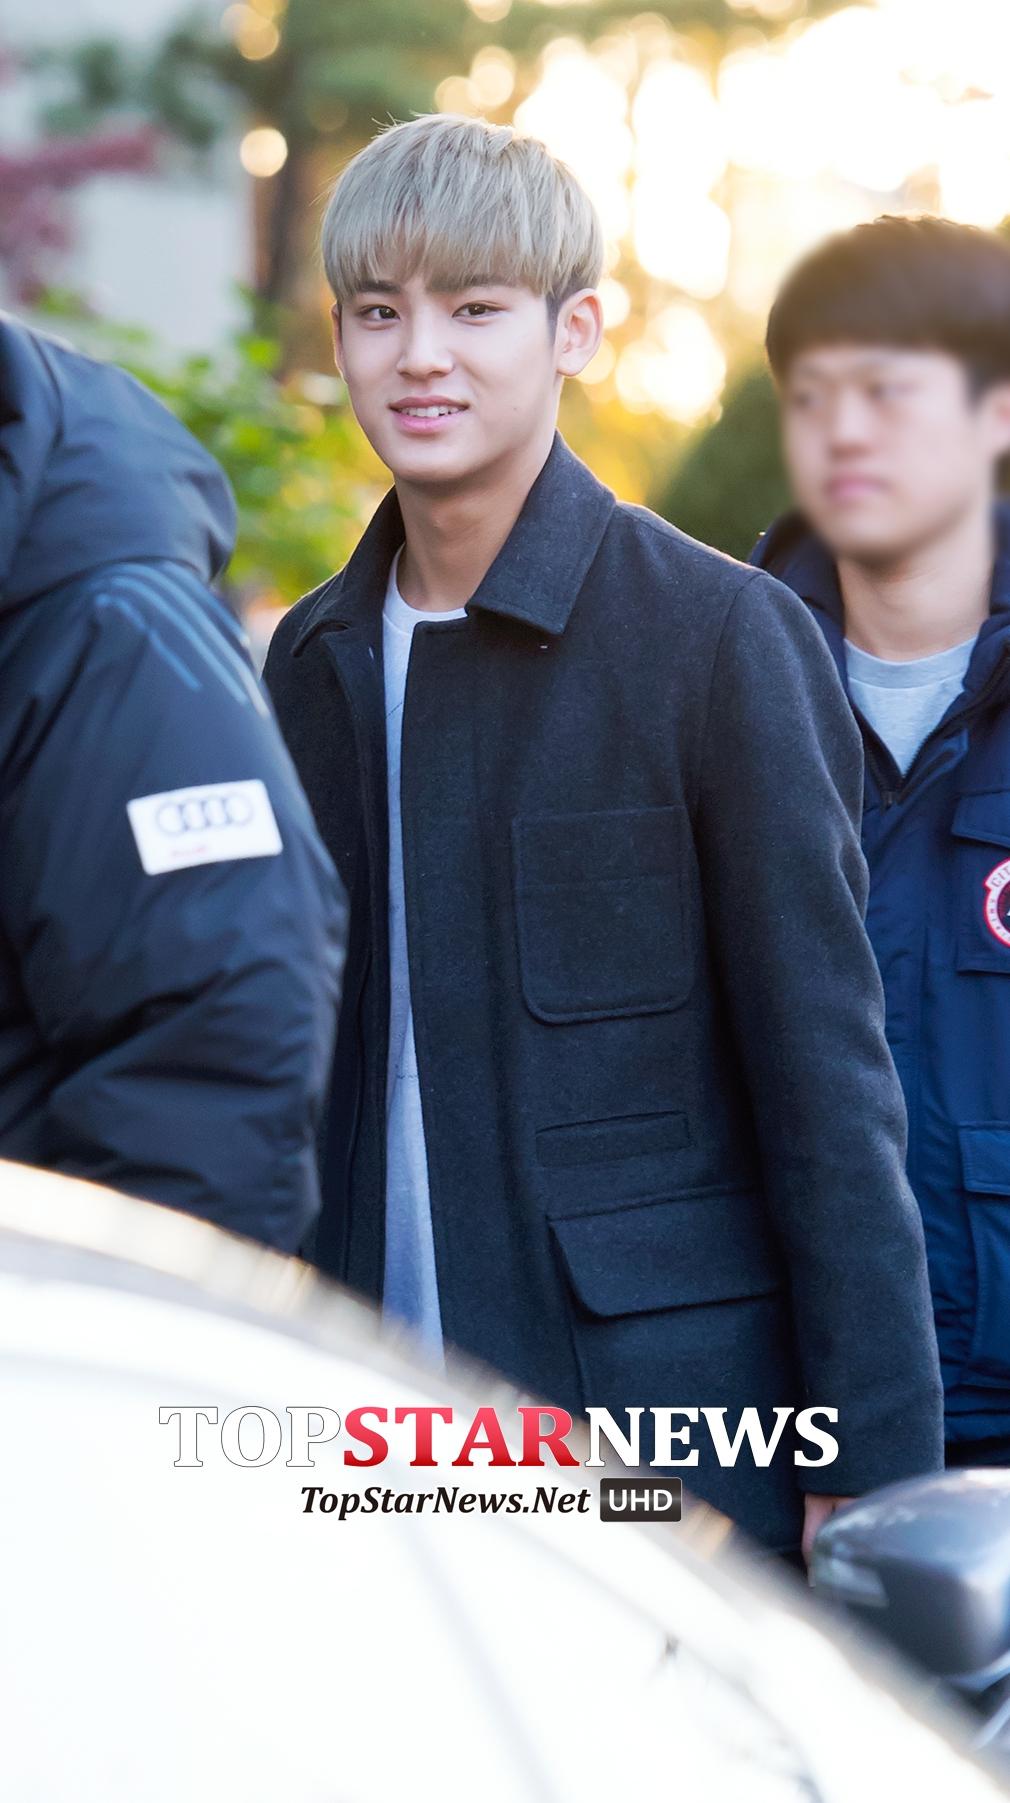 Min Gyu 是最近超人氣男團「SEVENTEEN」的成員,在隊中負責 RAP 和填詞的部分,同時他也是門面擔當喔!